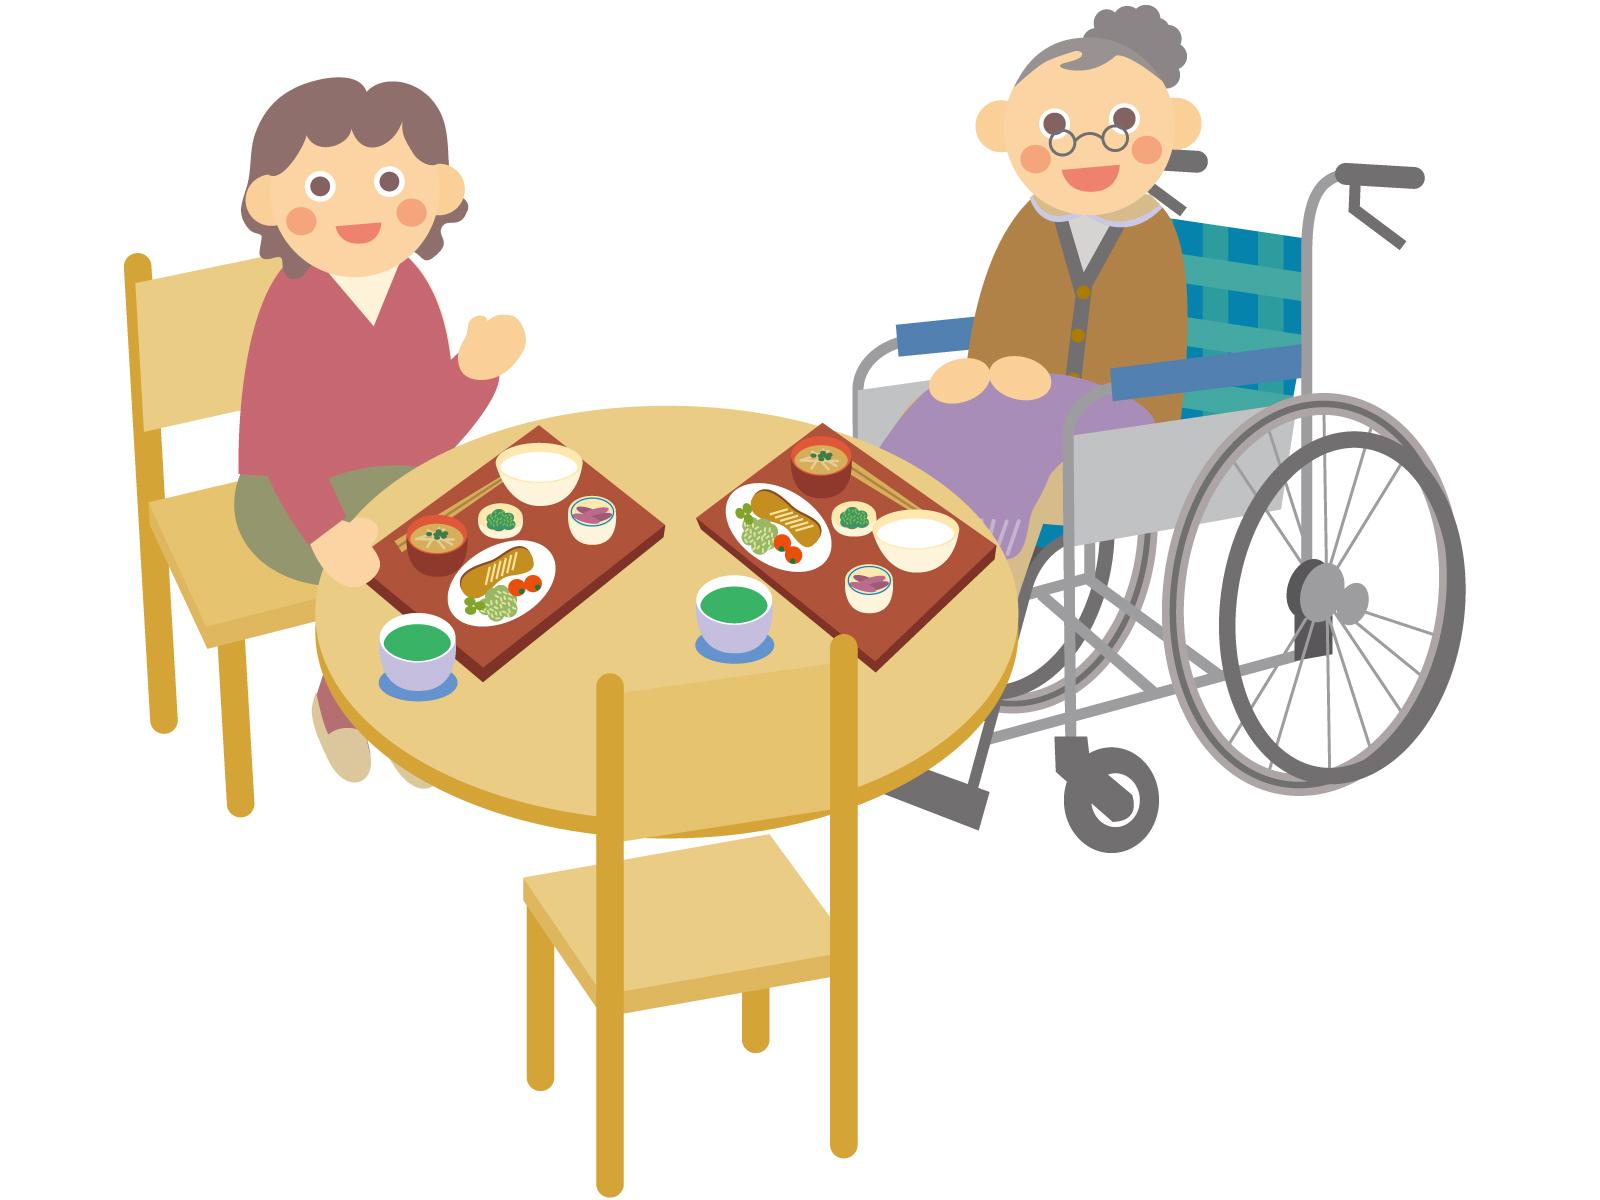 自力で食事を食べない認知症の人への対応。席を変えるだけで大きく変化